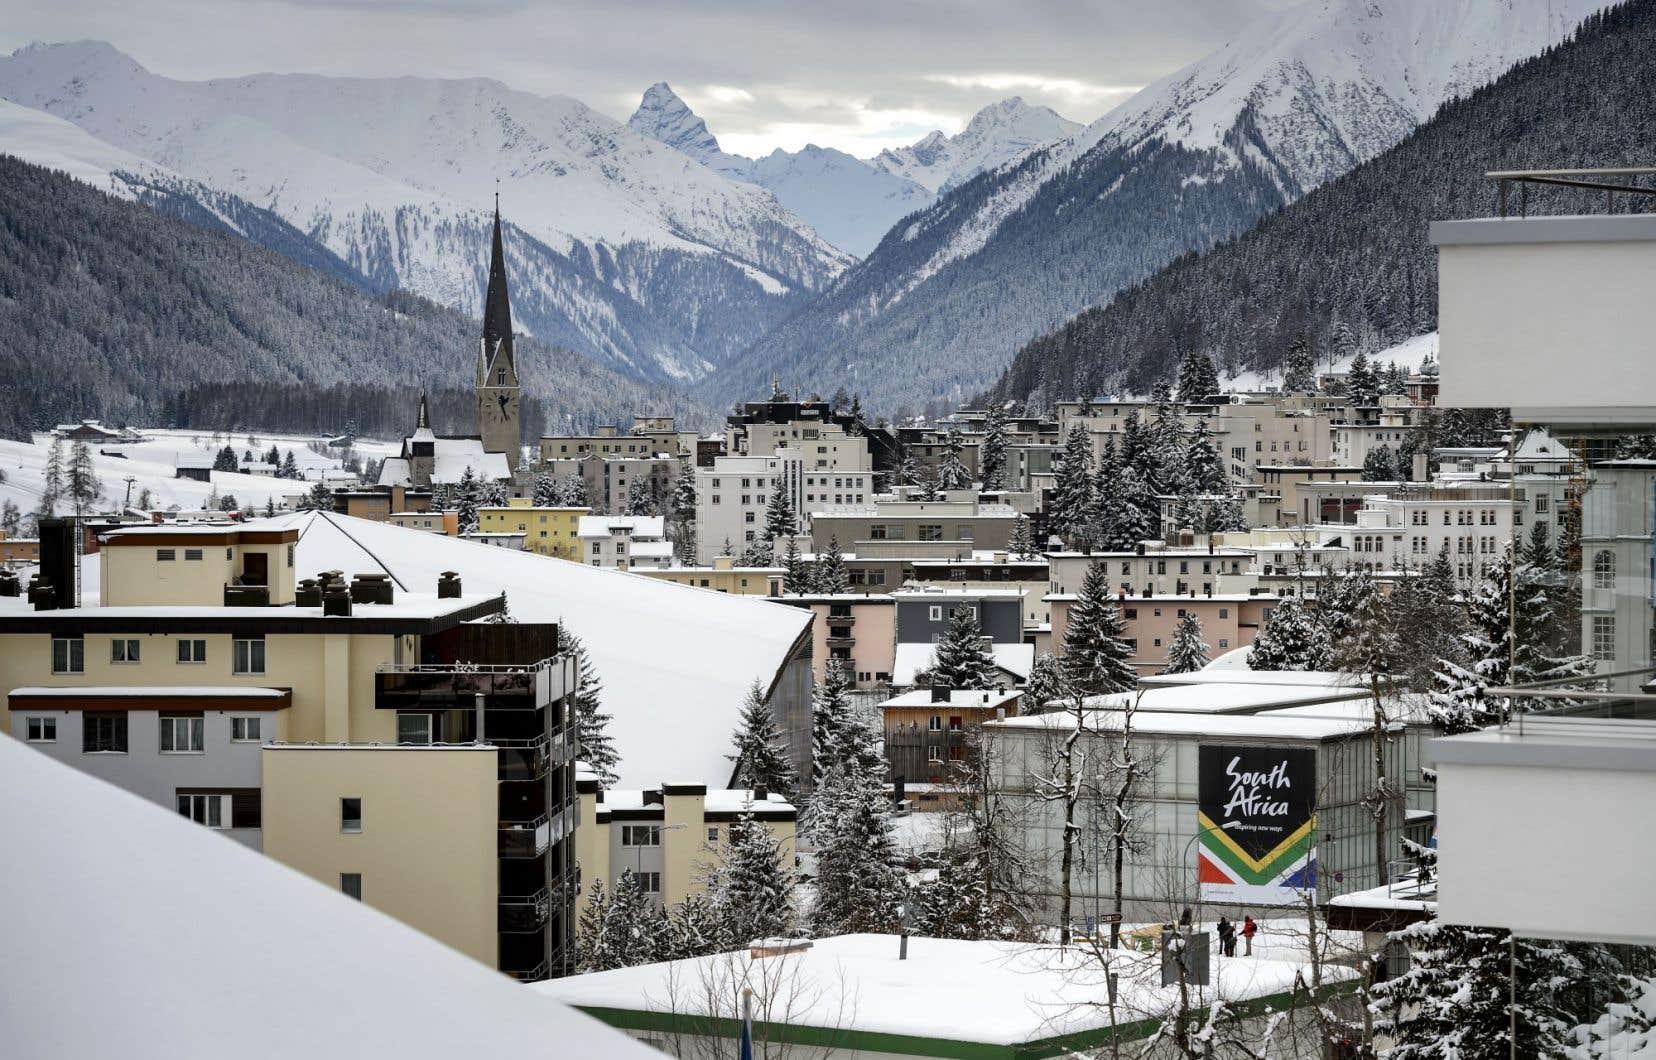 Station touristique de luxe pour gens fortunés, Davos coûtera encore plus cher à ceux qui la fréquenteront au cours des prochains jours à l'occasion du Forum économique qui porte son nom, à cause de la flambée du franc suisse: l'agence Bloomberg a calculé qu'une bouteille de Dom Pérignon se détaillera 475$ à l'hôtel Seehof, l'un des meilleurs quatre-étoiles de la ville.